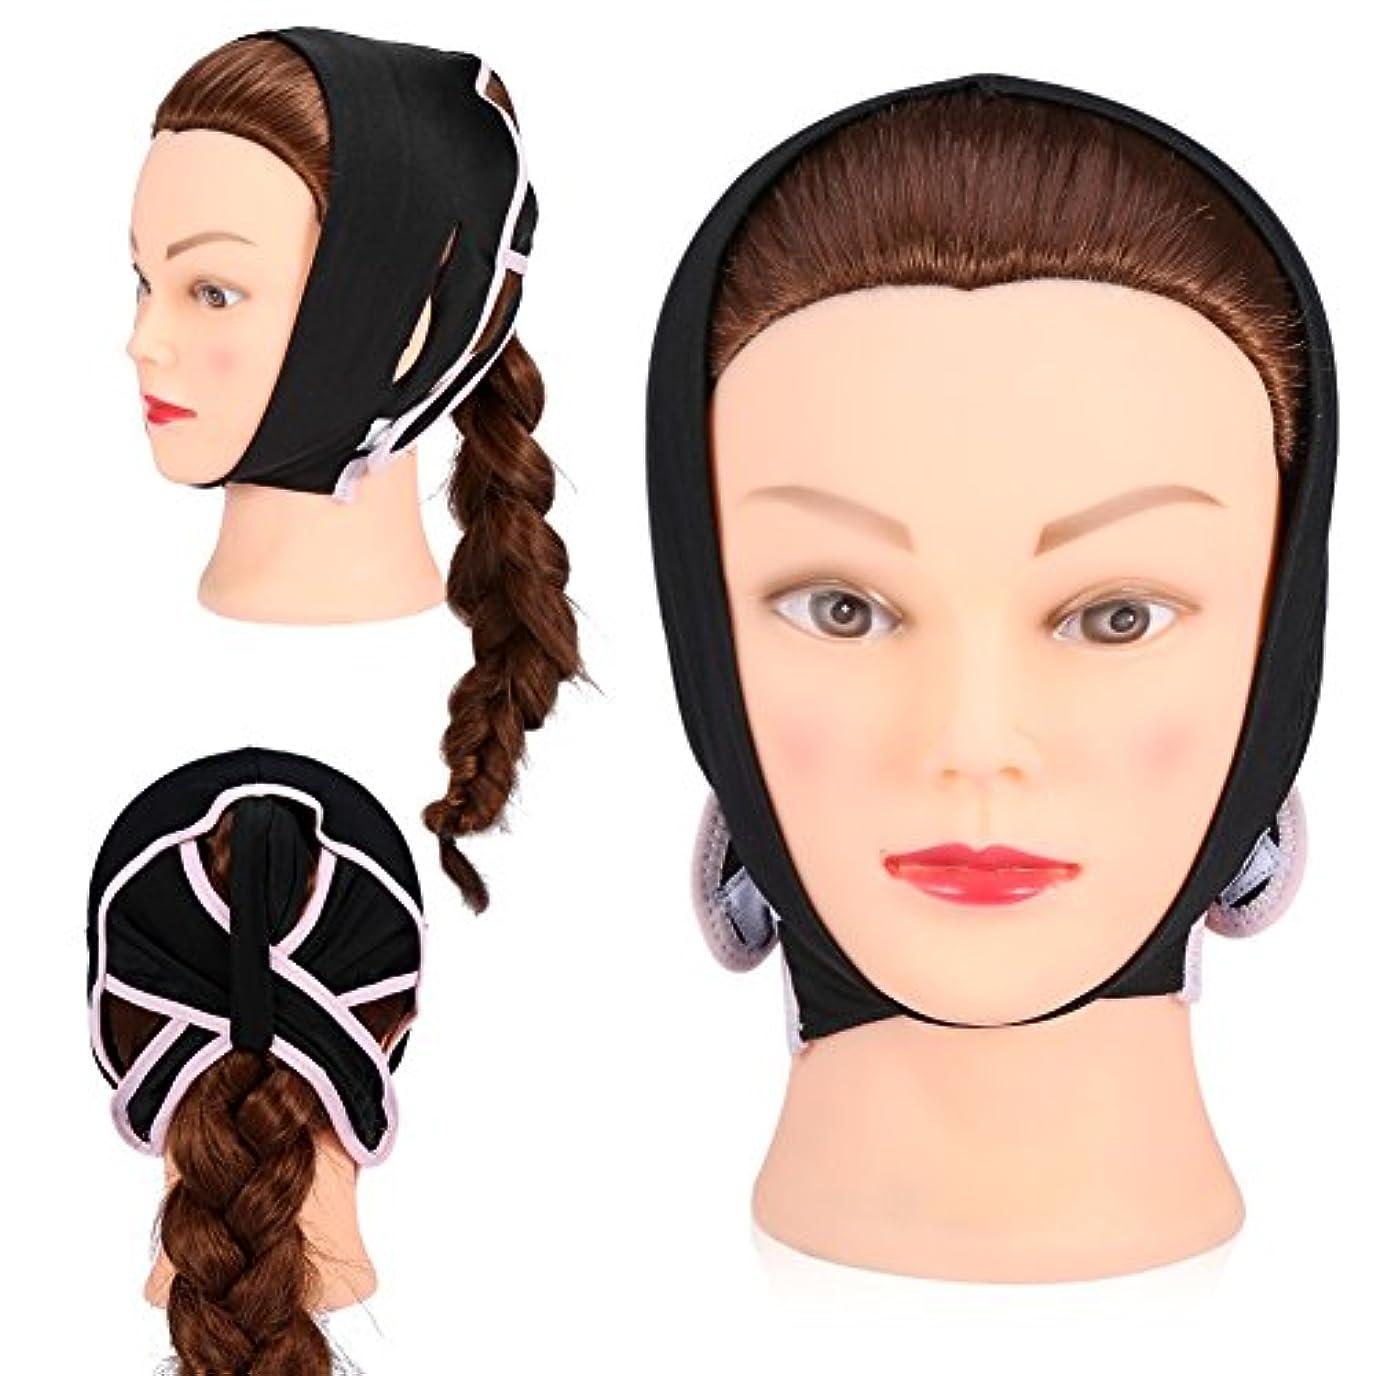 裏切り者抜本的なはしご顔 輪郭 改善 Vフェイス 美容包帯 首 頬 あご引き締めます(M)